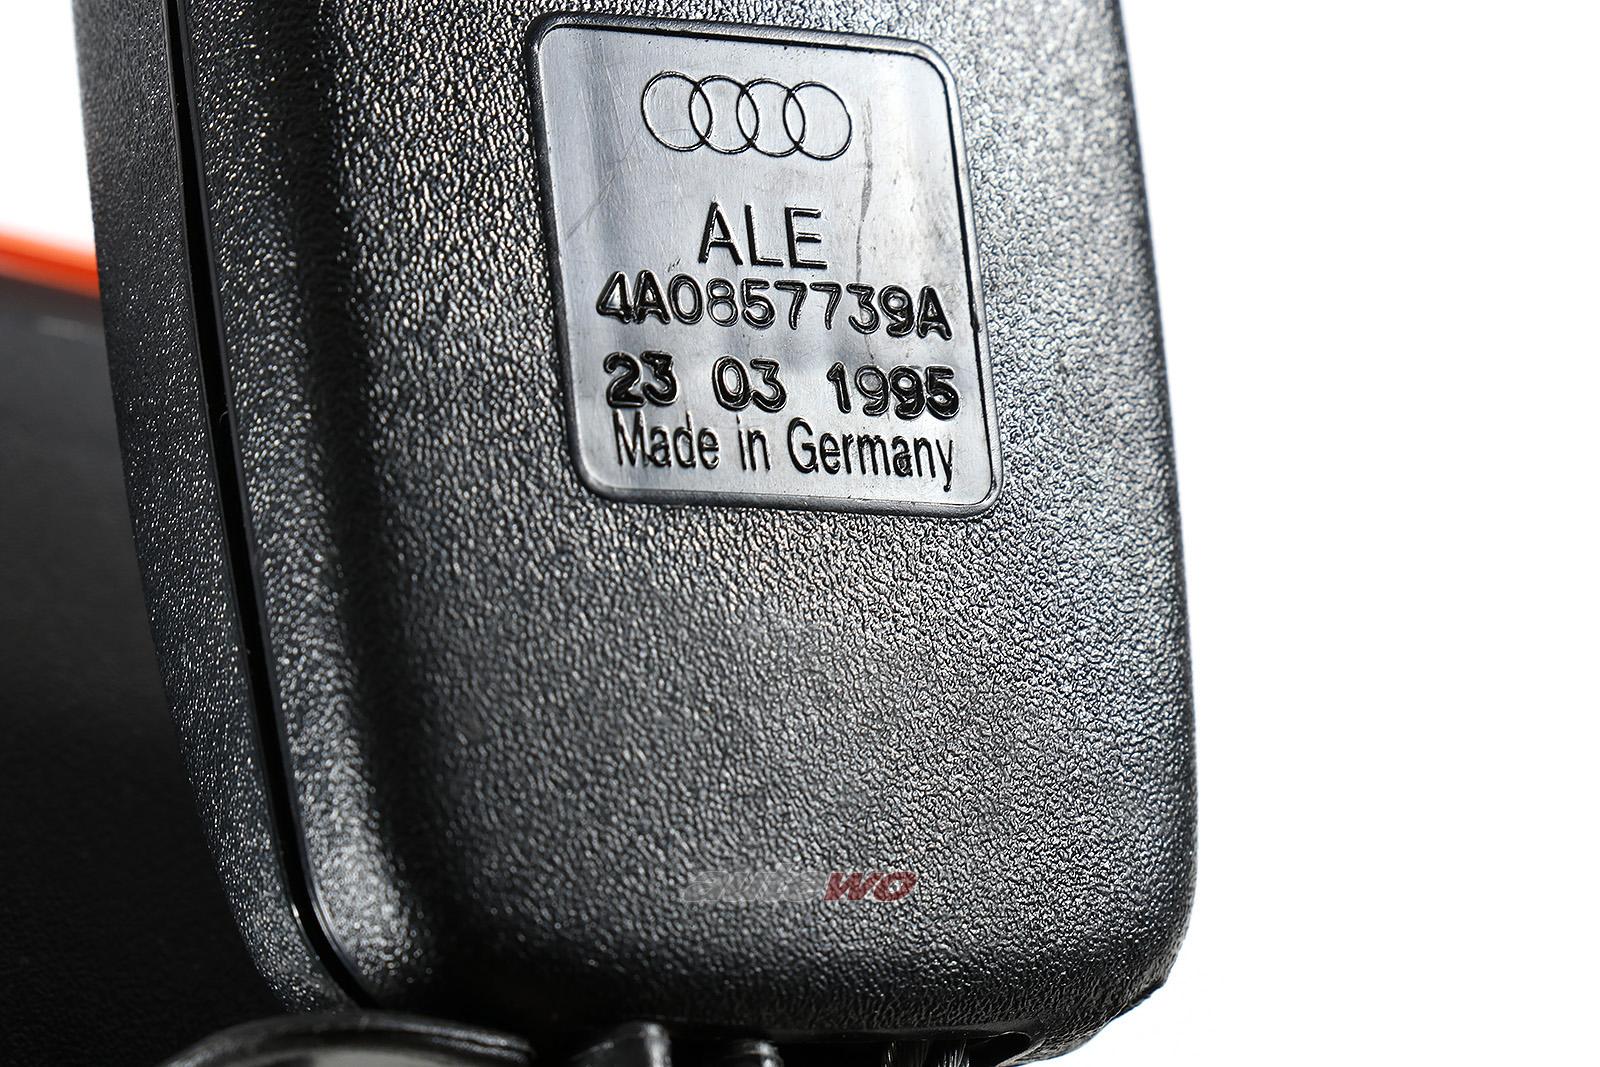 4A0857739A Audi 100/S4/A6/S6+ C4 Limousine Gurtschloss Hinten Mitte